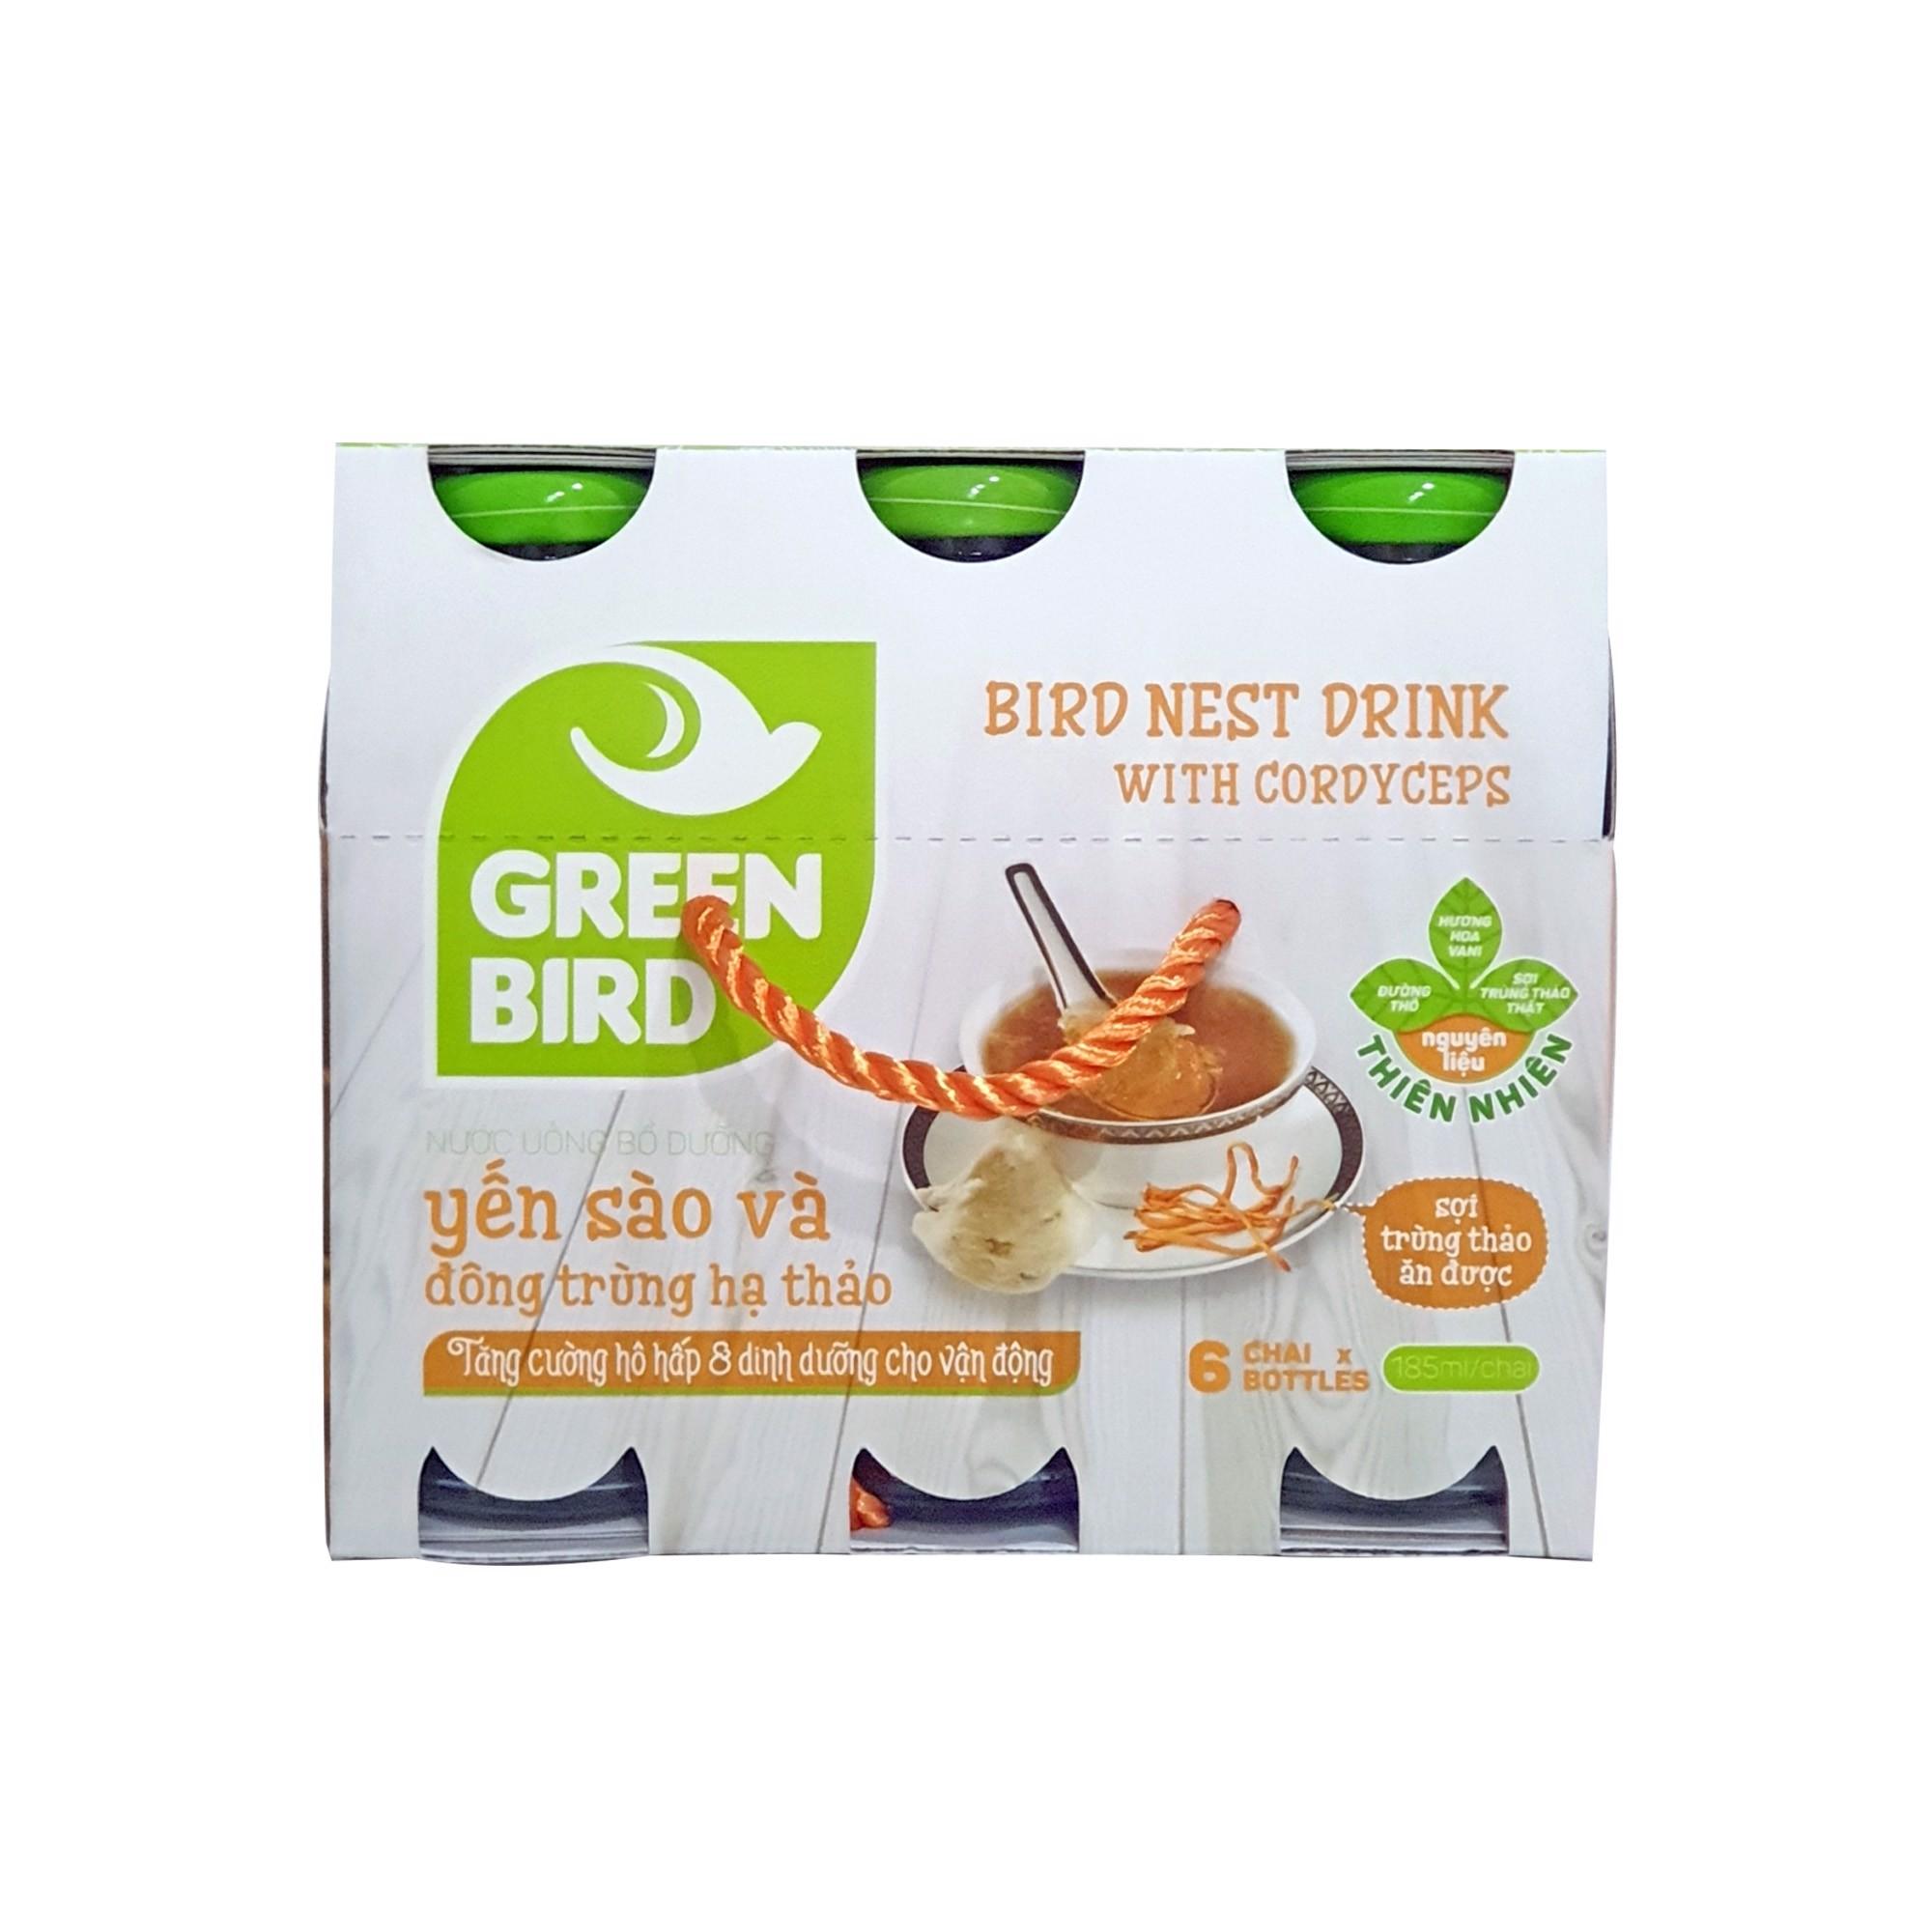 Yến nước Đông Trùng Hạ Thảo Green Bird – Khay 6 chai 185ml